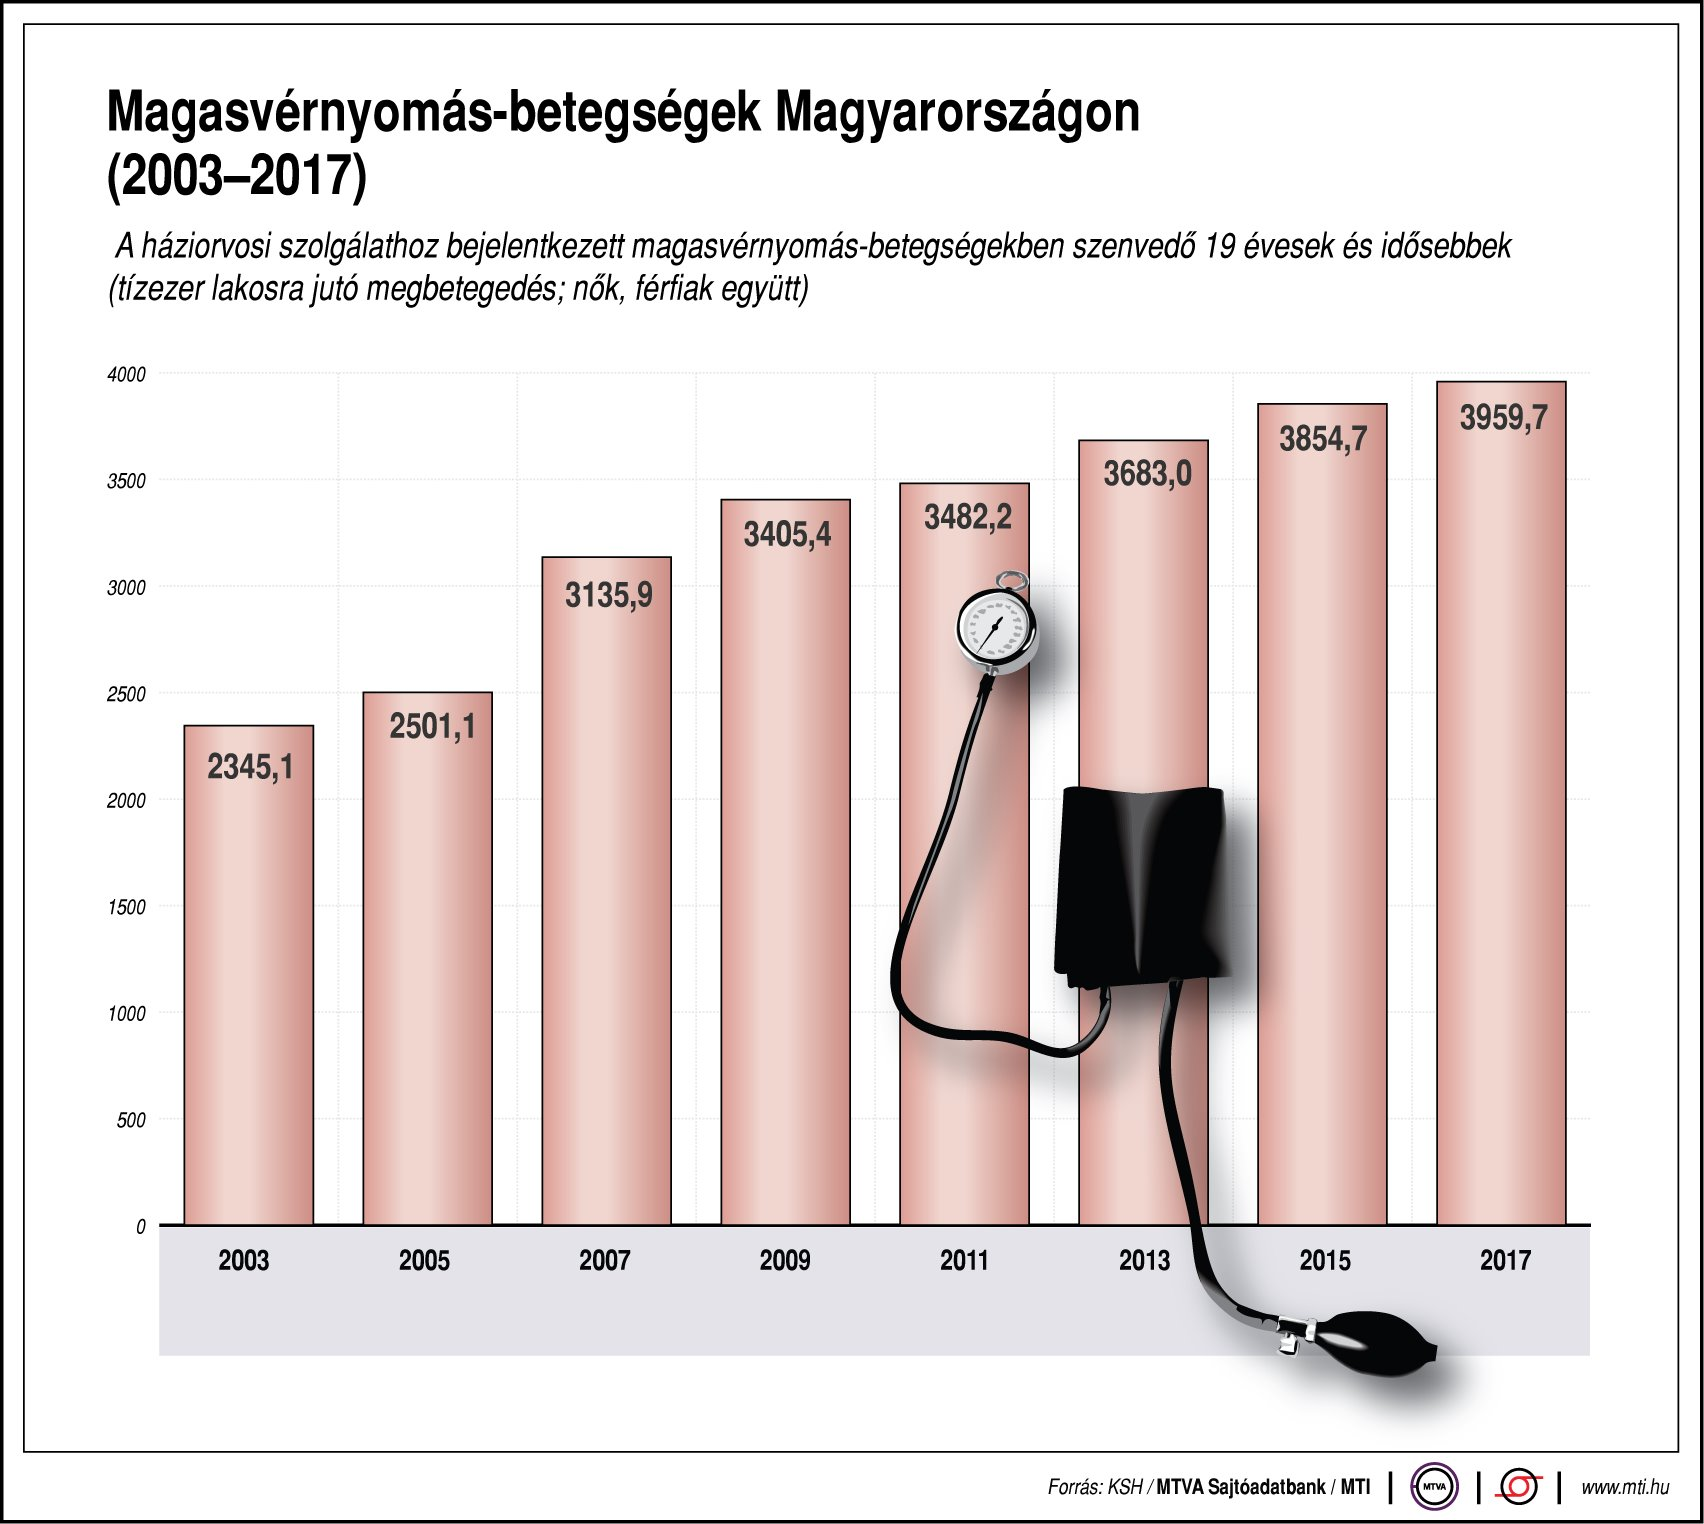 magas vérnyomás és annak értékesítése persha segítség magas vérnyomás esetén